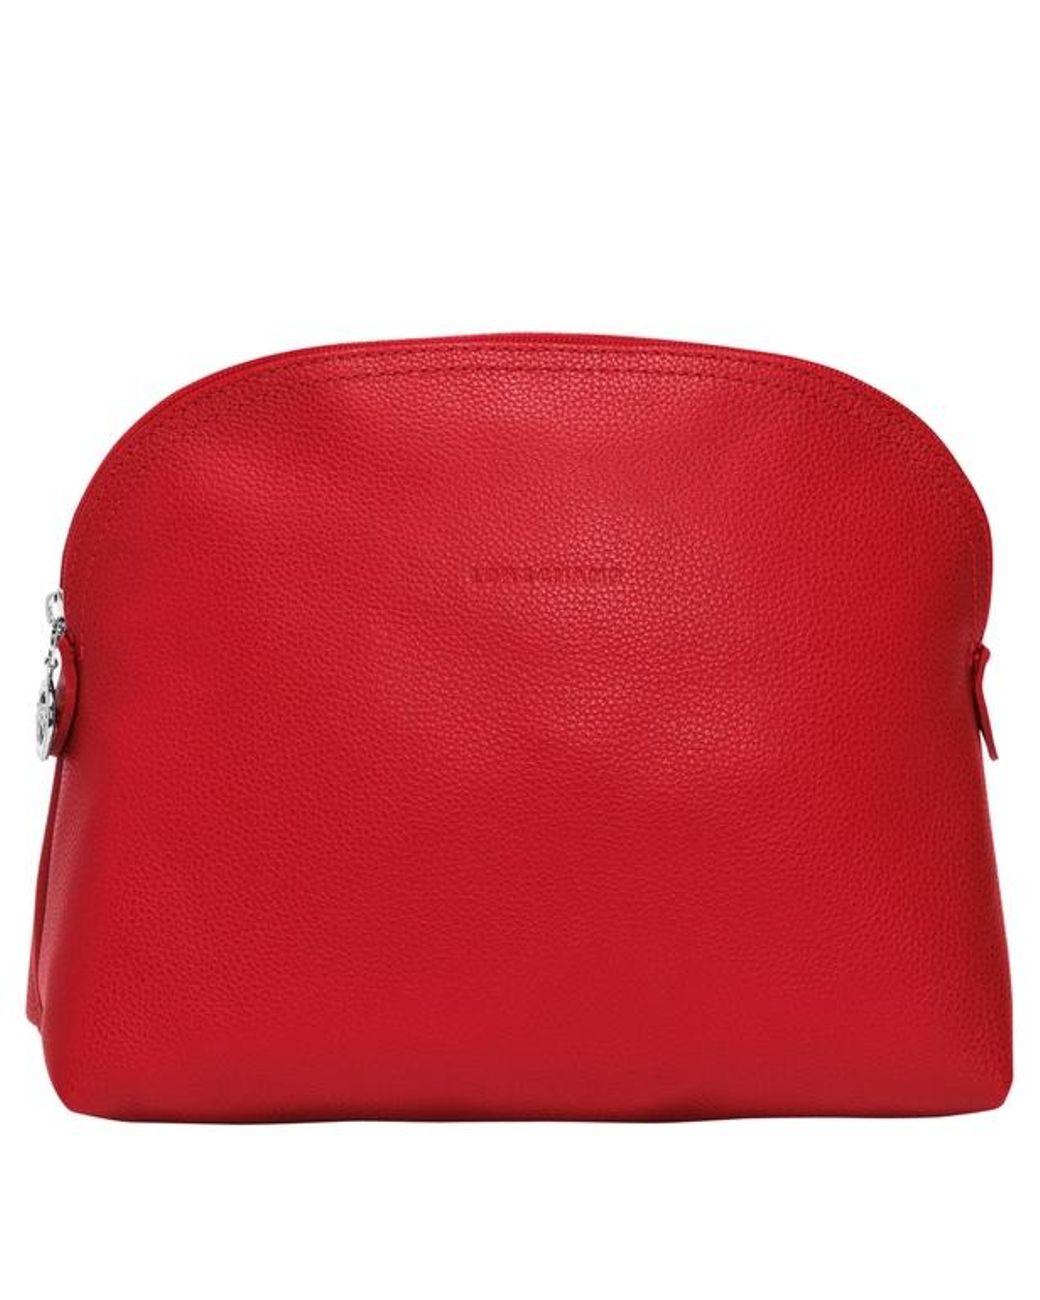 Trousse de toilette Le Foulonné femme de coloris rouge